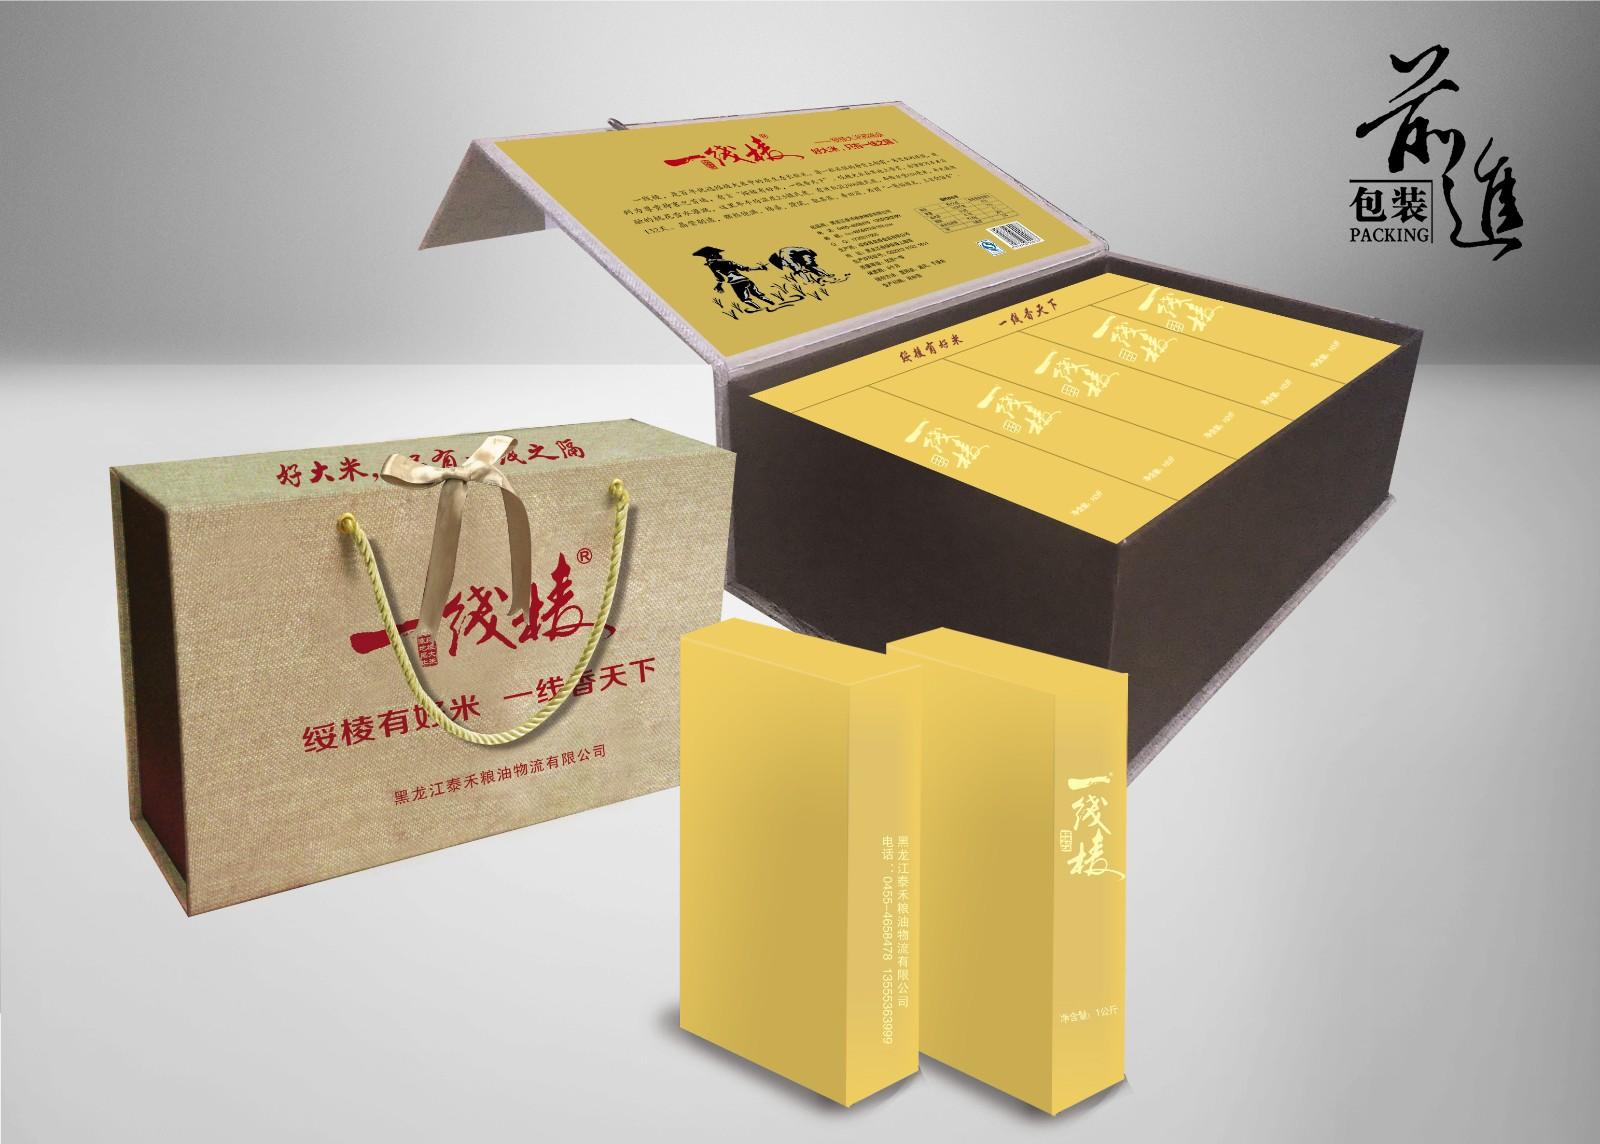 大米包裝盒3.jpg